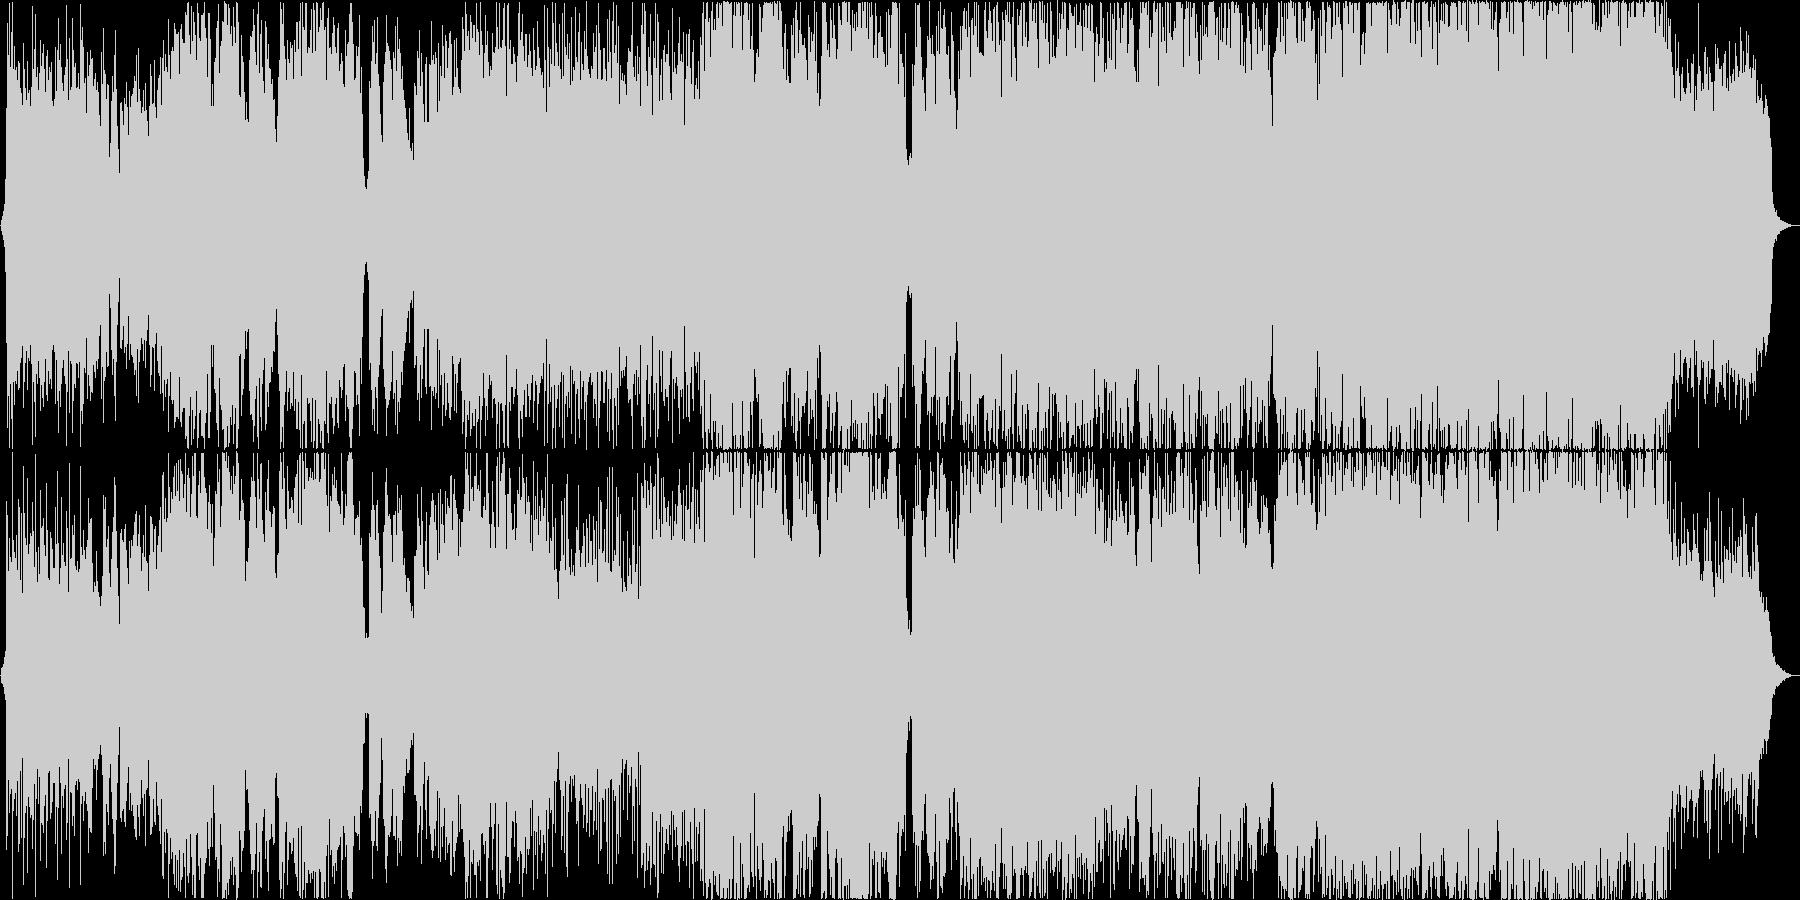 【二胡】風をイメージした楽曲の未再生の波形